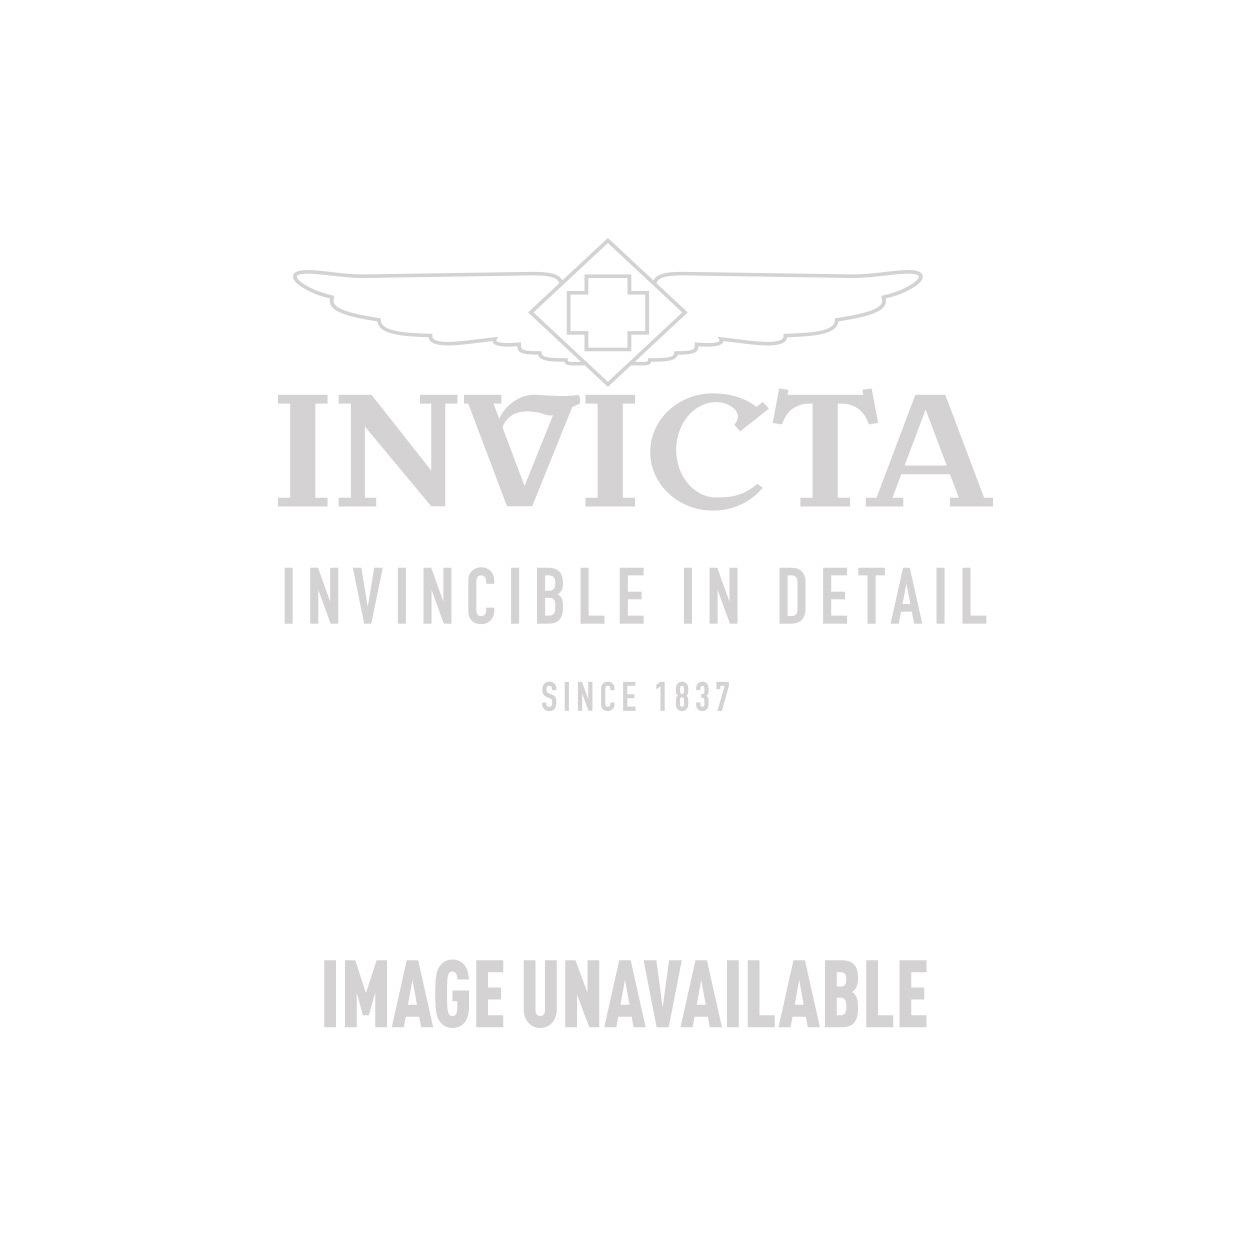 Invicta Model 25197